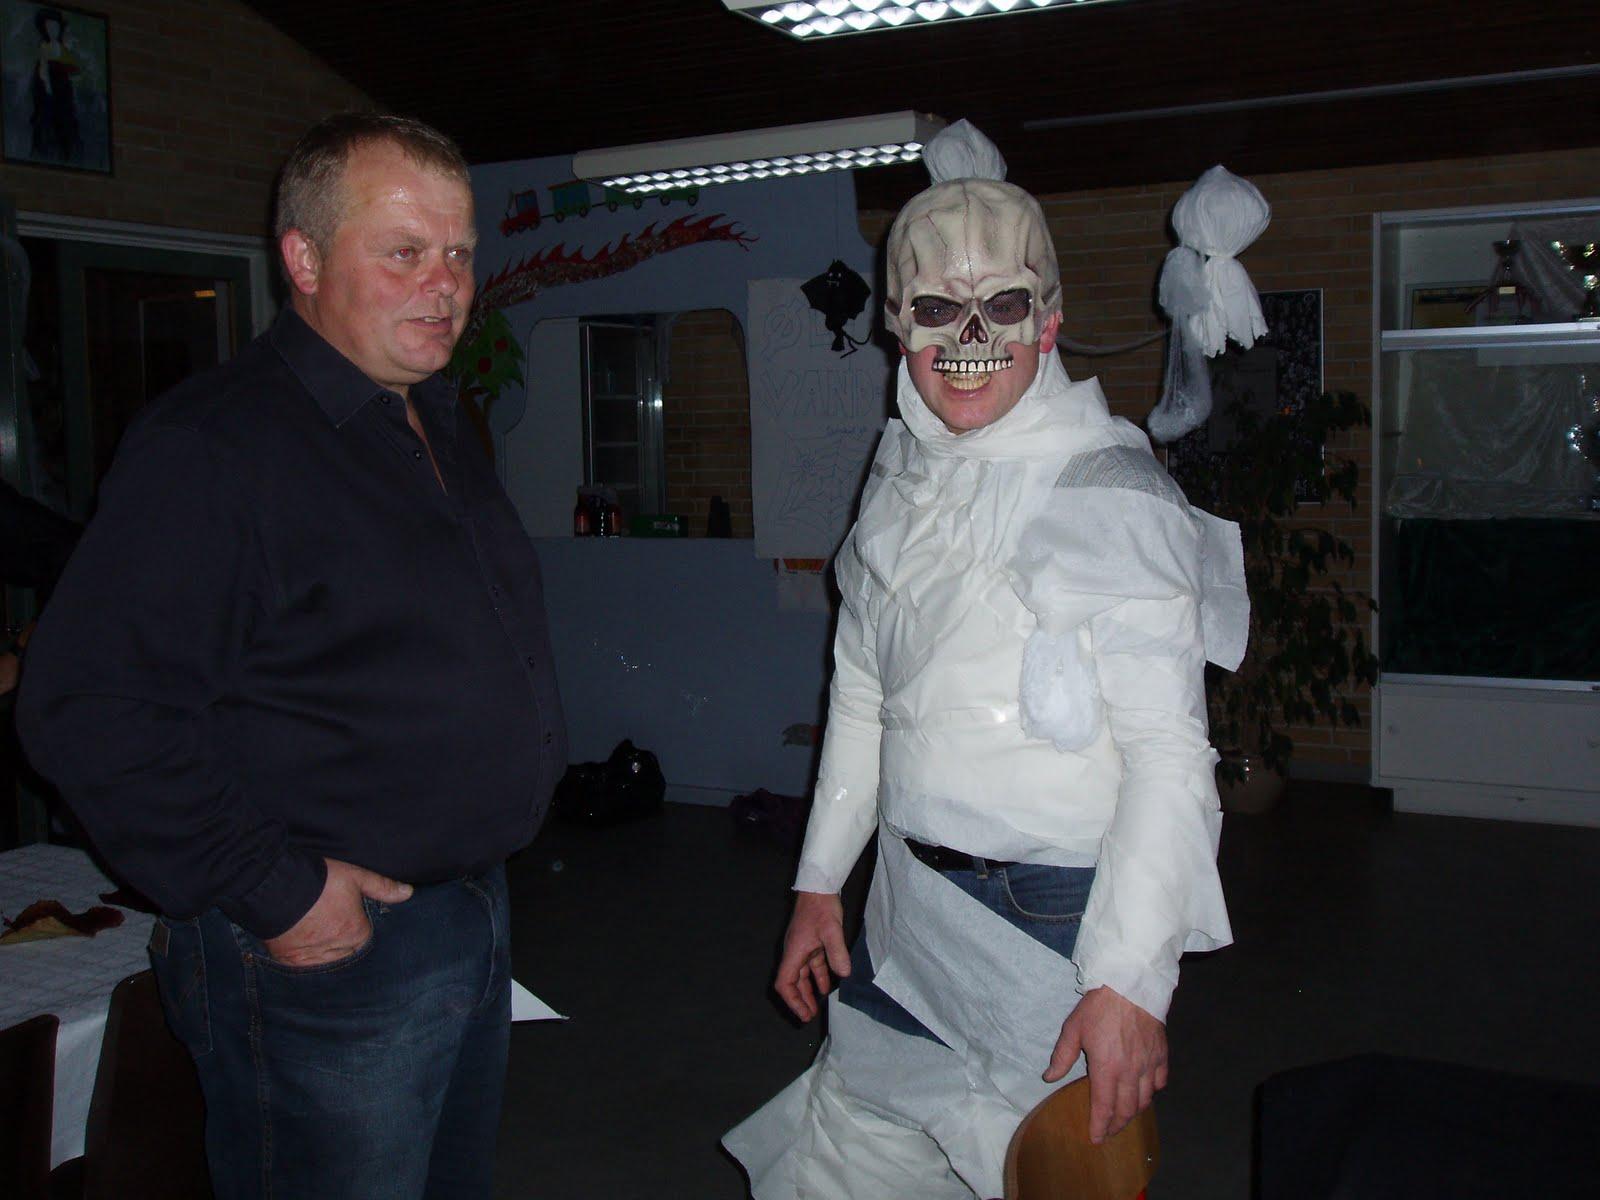 Uha hvor kom den mumie fra